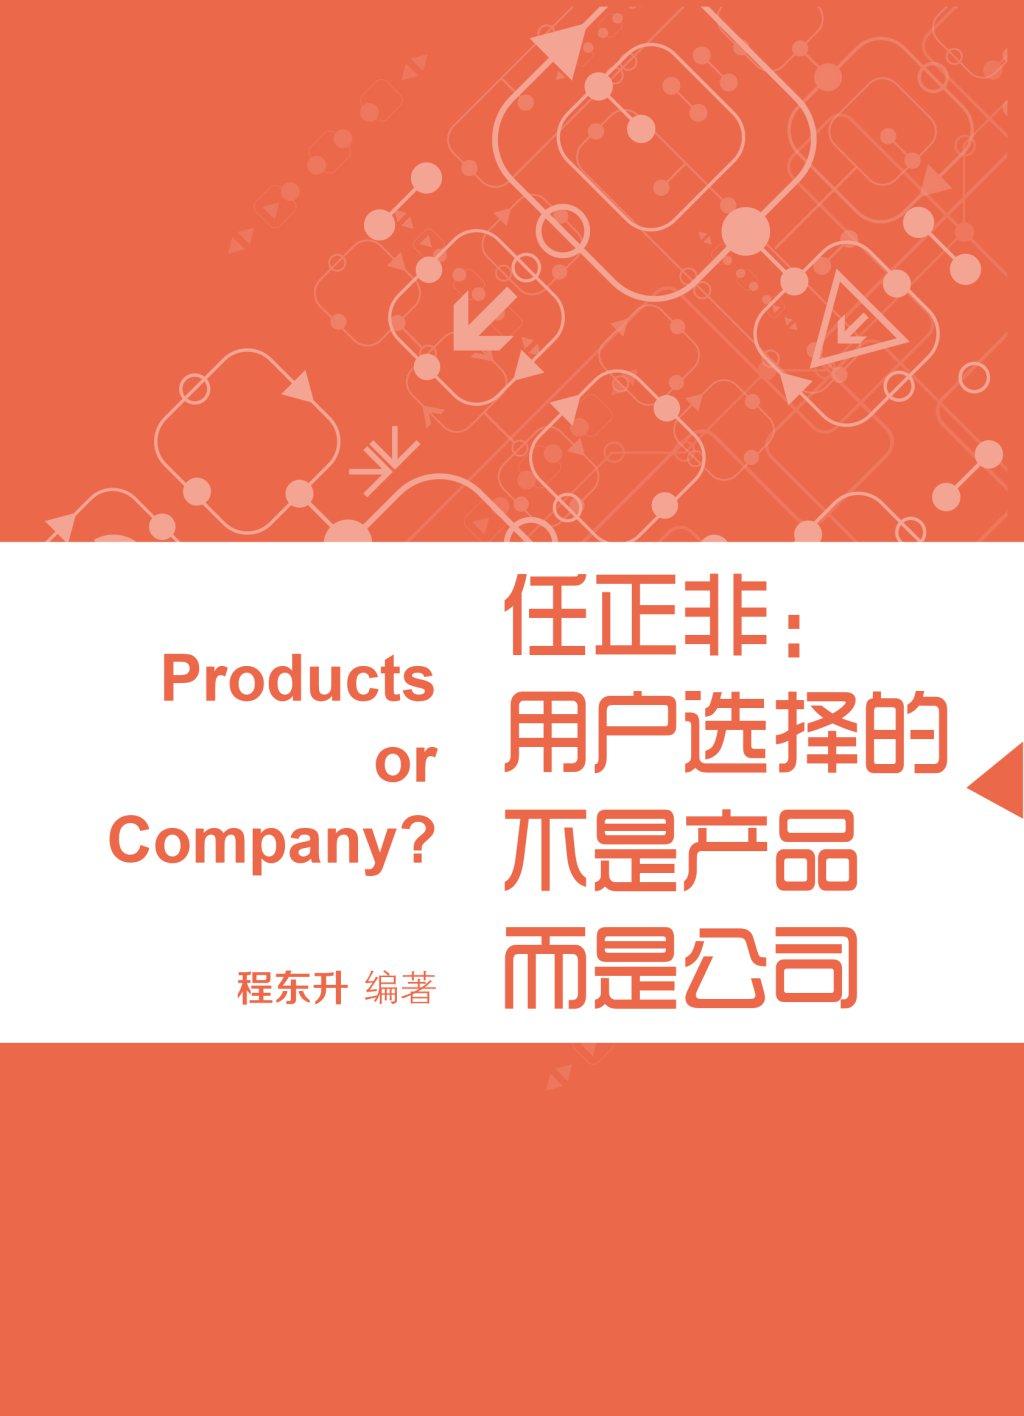 任正非:用户选择的不是产品而是公司(蓝狮子速读系列-管理035)